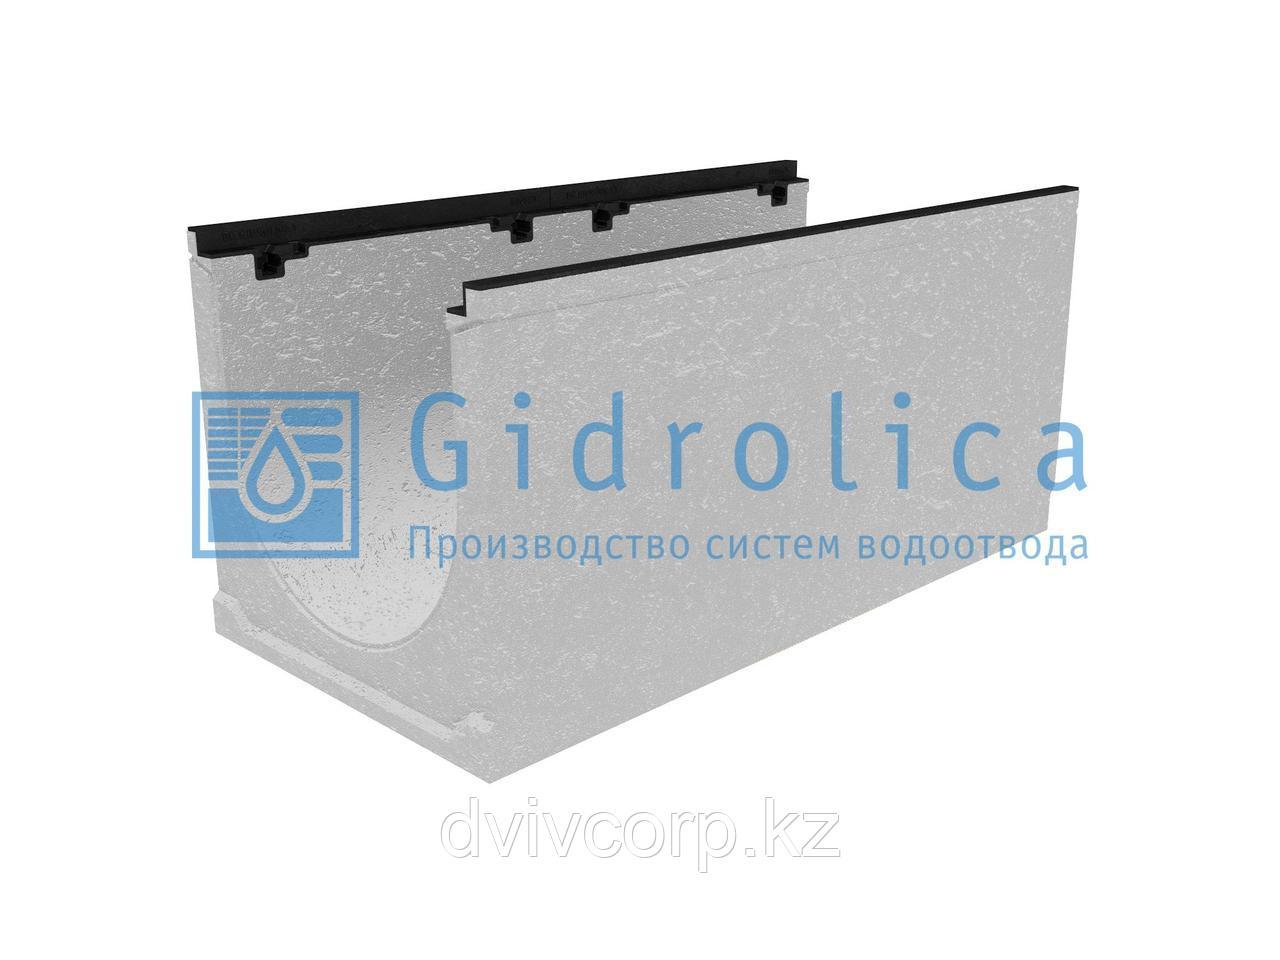 Лоток водоотводный бетонный коробчатый (СО-400мм), с чугунной насадкой, с уклоном 0,5%  КUу 100.49,9